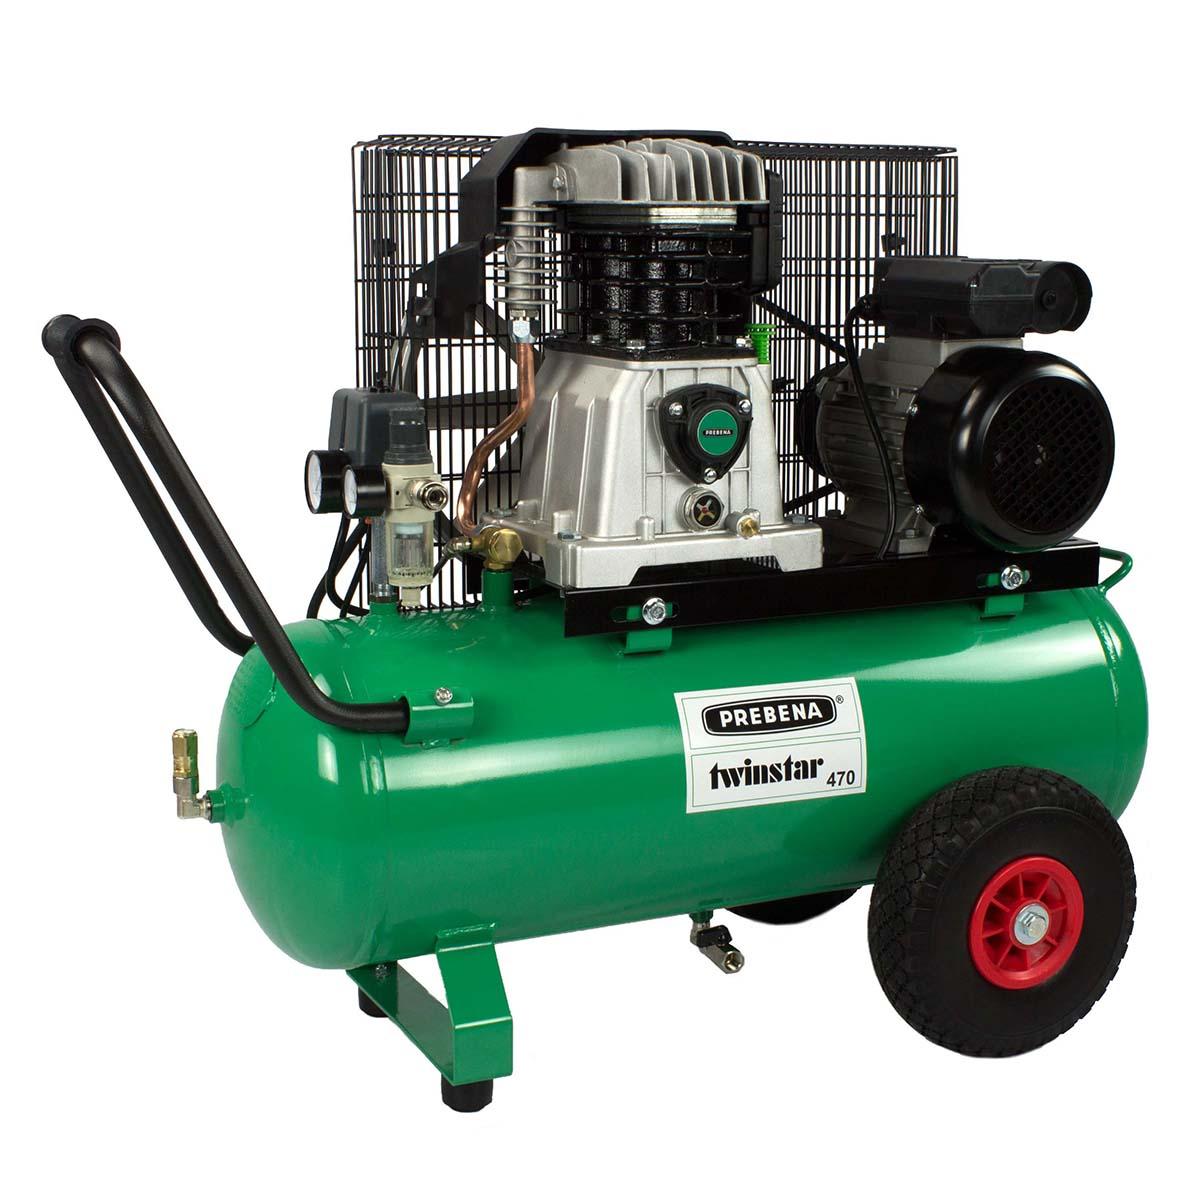 TWINSTAR 470 Kompressor